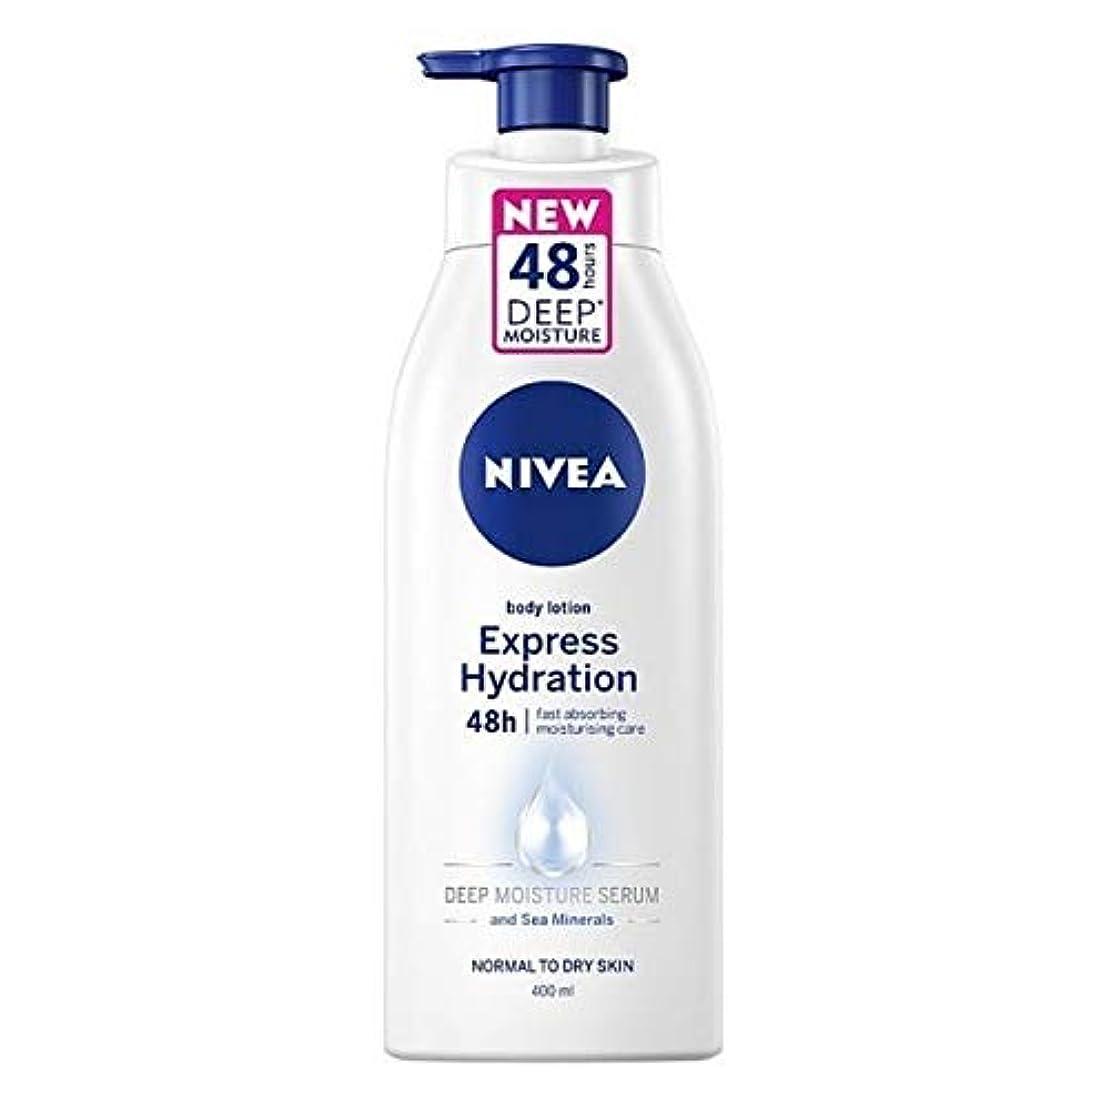 航空便ラッドヤードキップリングインシュレータ[Nivea ] 高速の急行水和ボディローション400ミリリットルを吸収ニベア - NIVEA Fast Absorbing Express Hydration Body Lotion 400ml [並行輸入品]